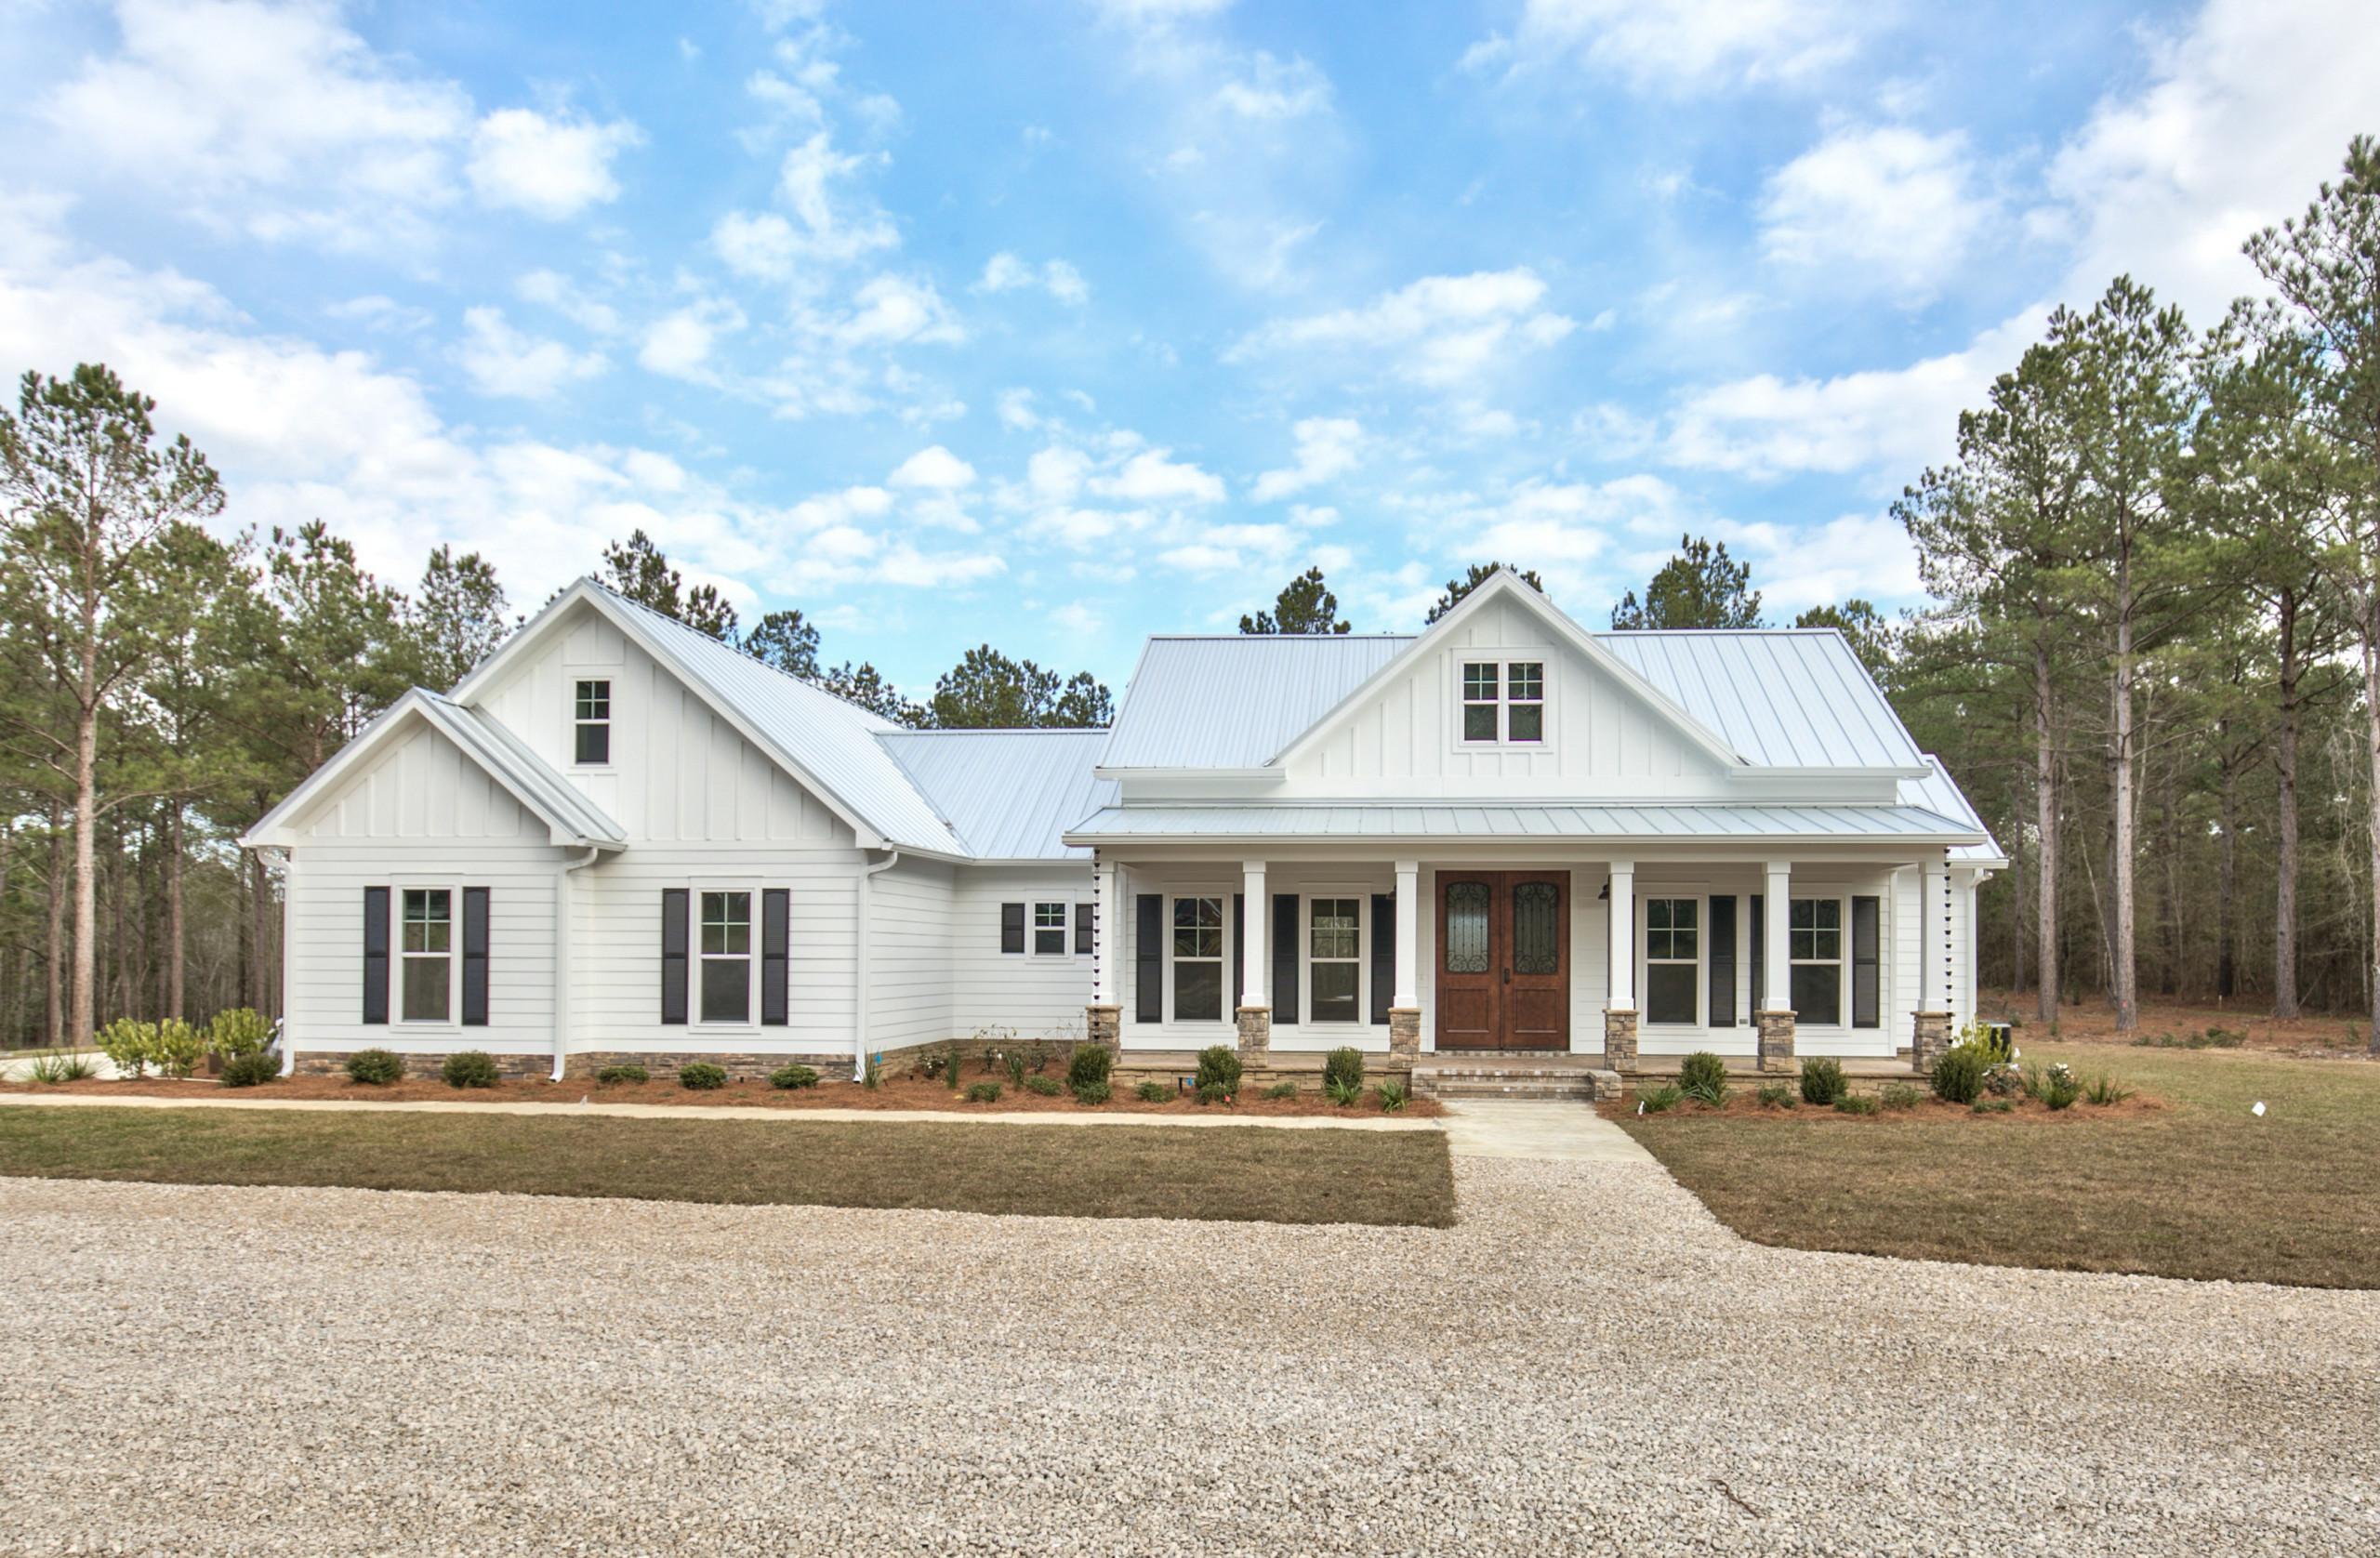 Byler's Farmhouse